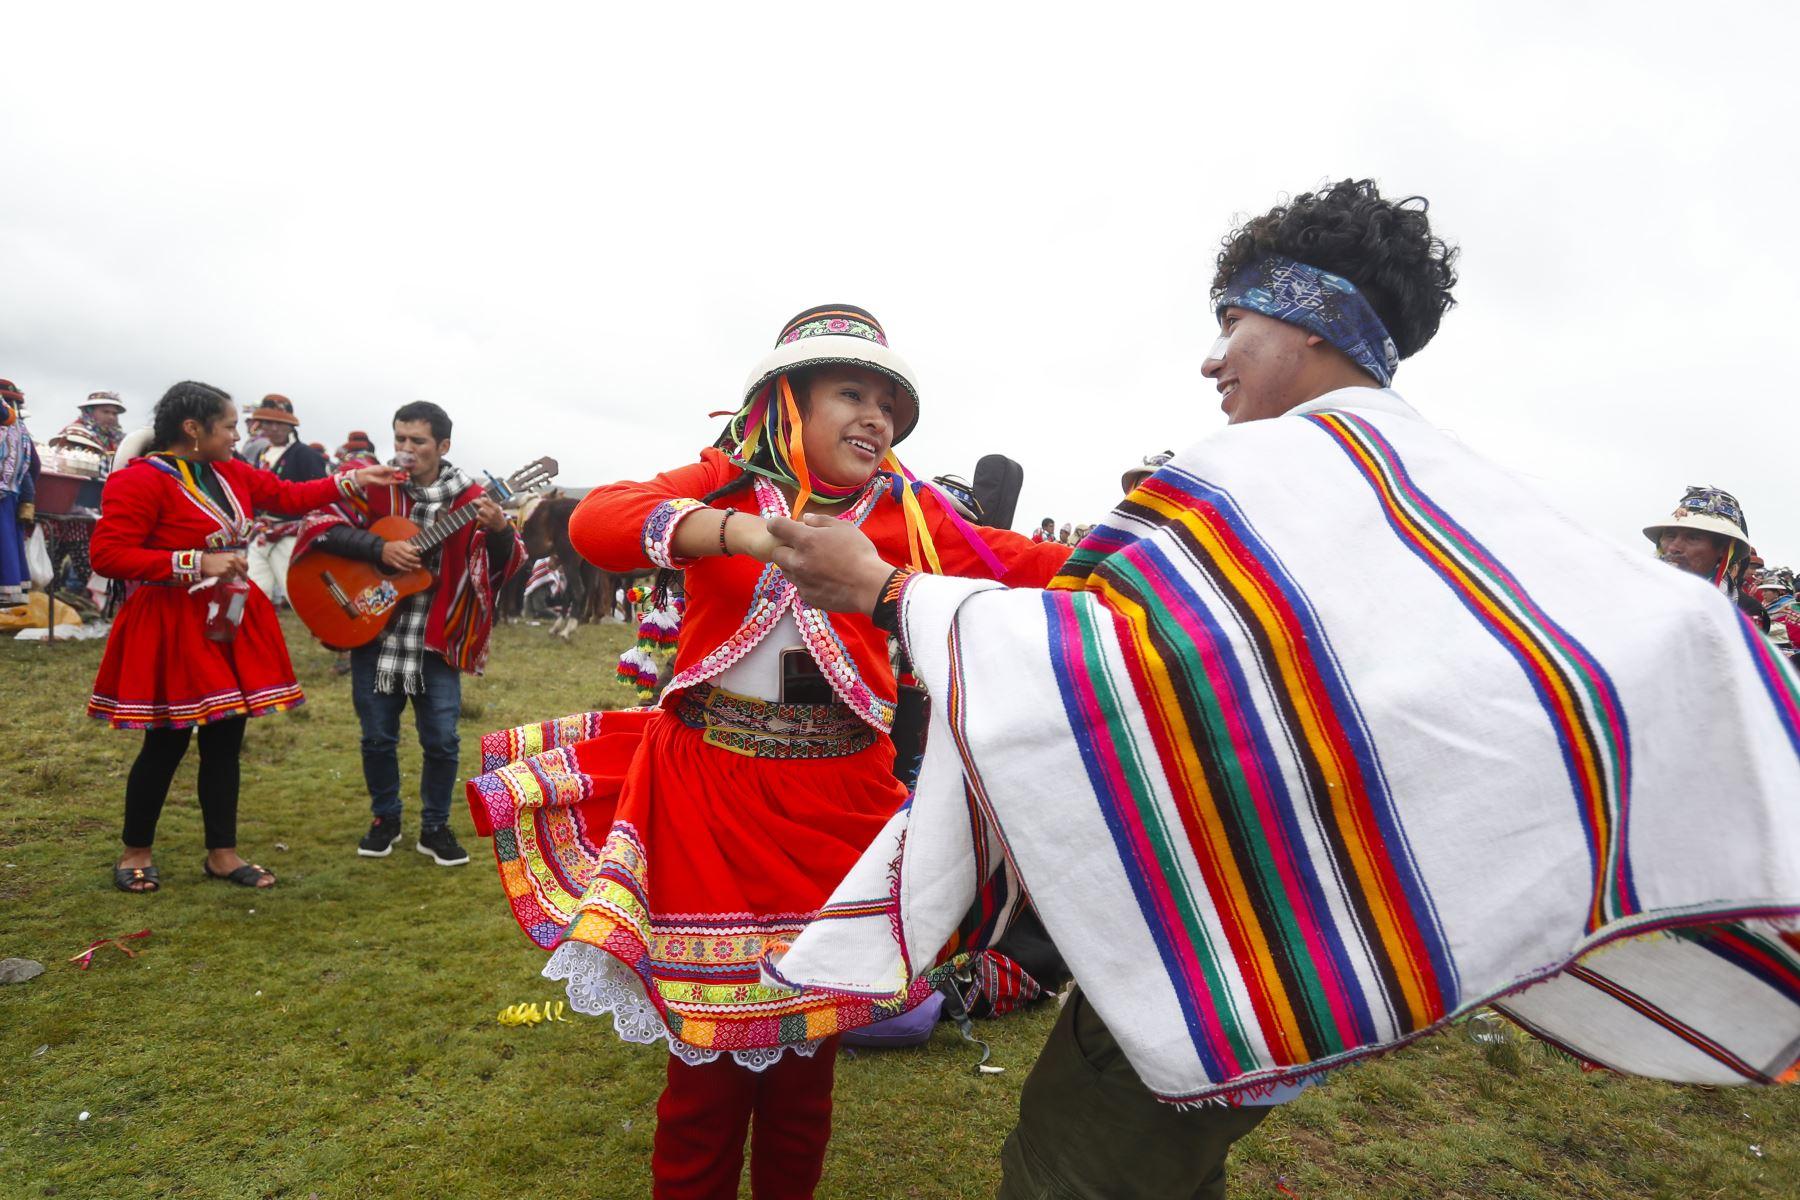 Muchos jóvenes aprovechan la festividad para conquistar el corazón de alguna chica a través de sus mejores pasos de baile. Foto: ANDINA/Renato Pajuelo